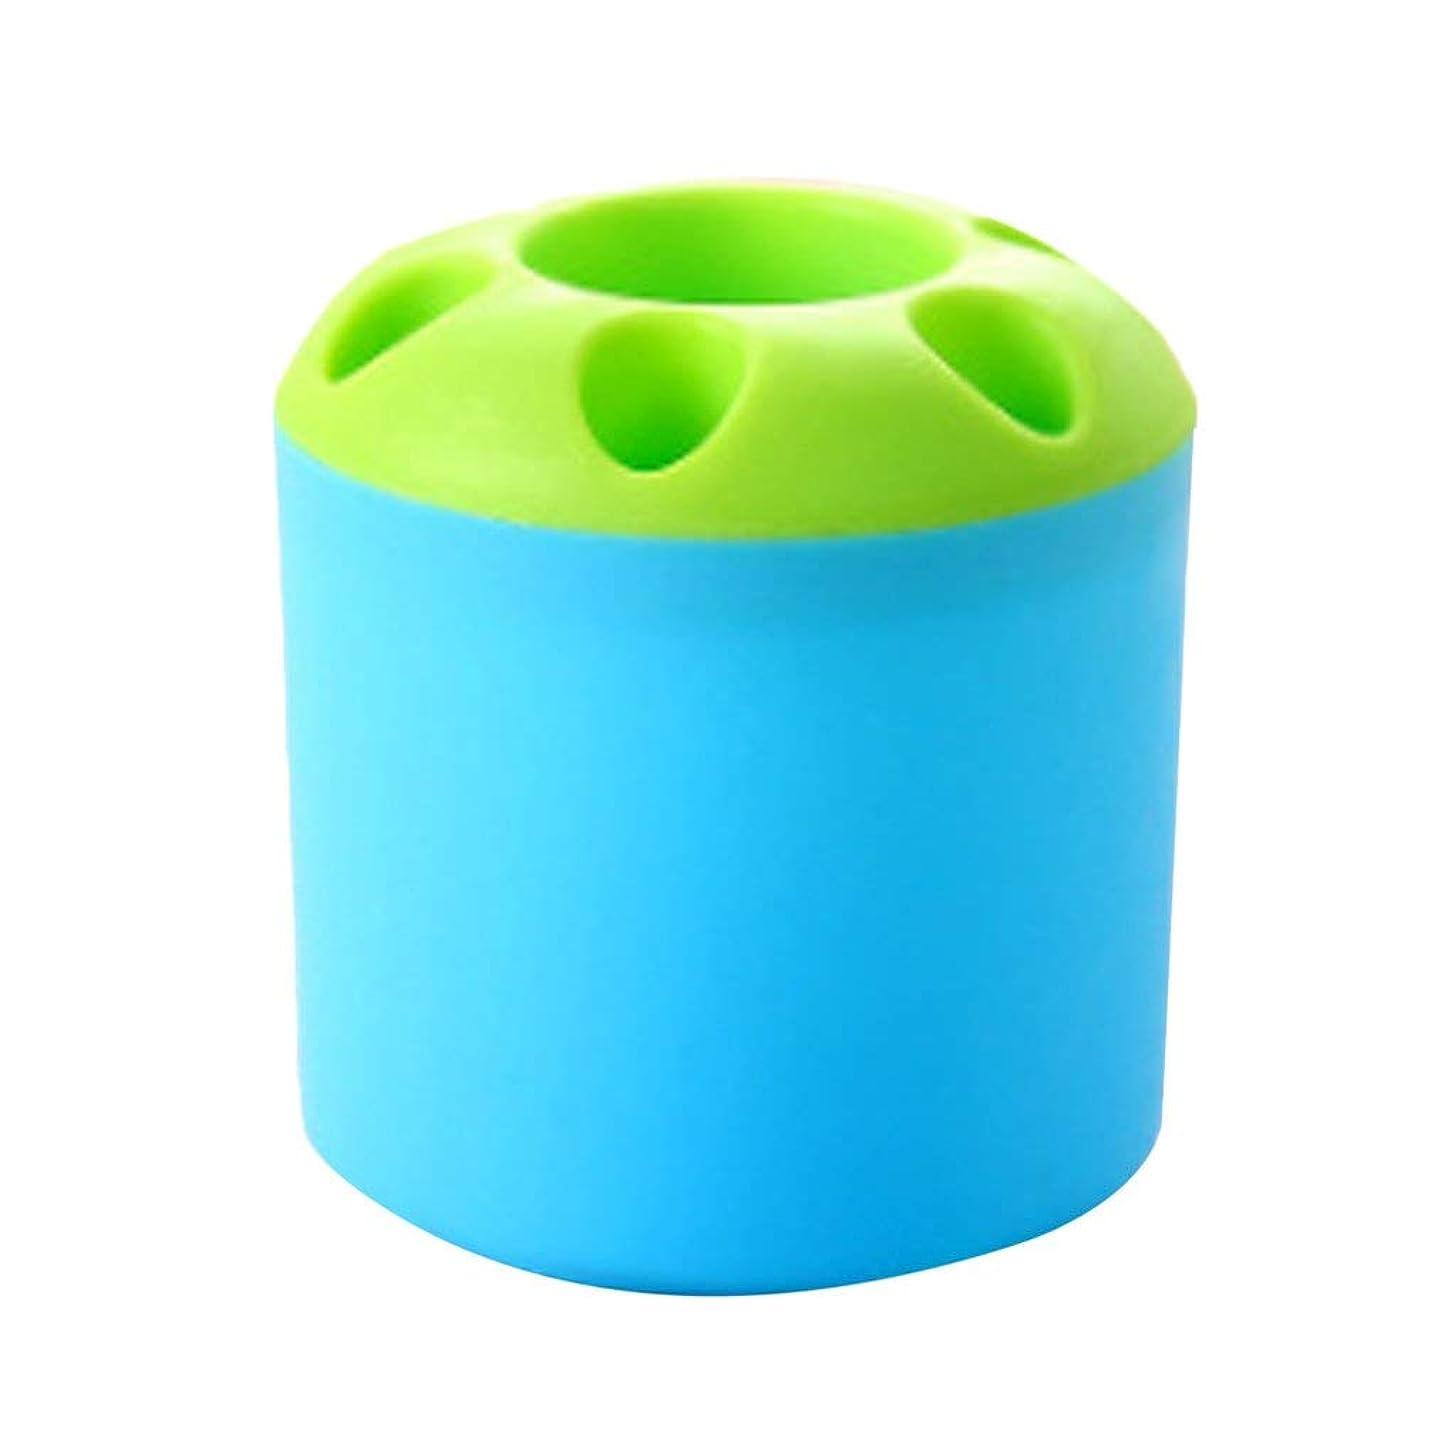 楕円形スクレーパー乱雑な革新的な歯ブラシシリンダープラスチックブラシホルダーバスルームアクセサリー